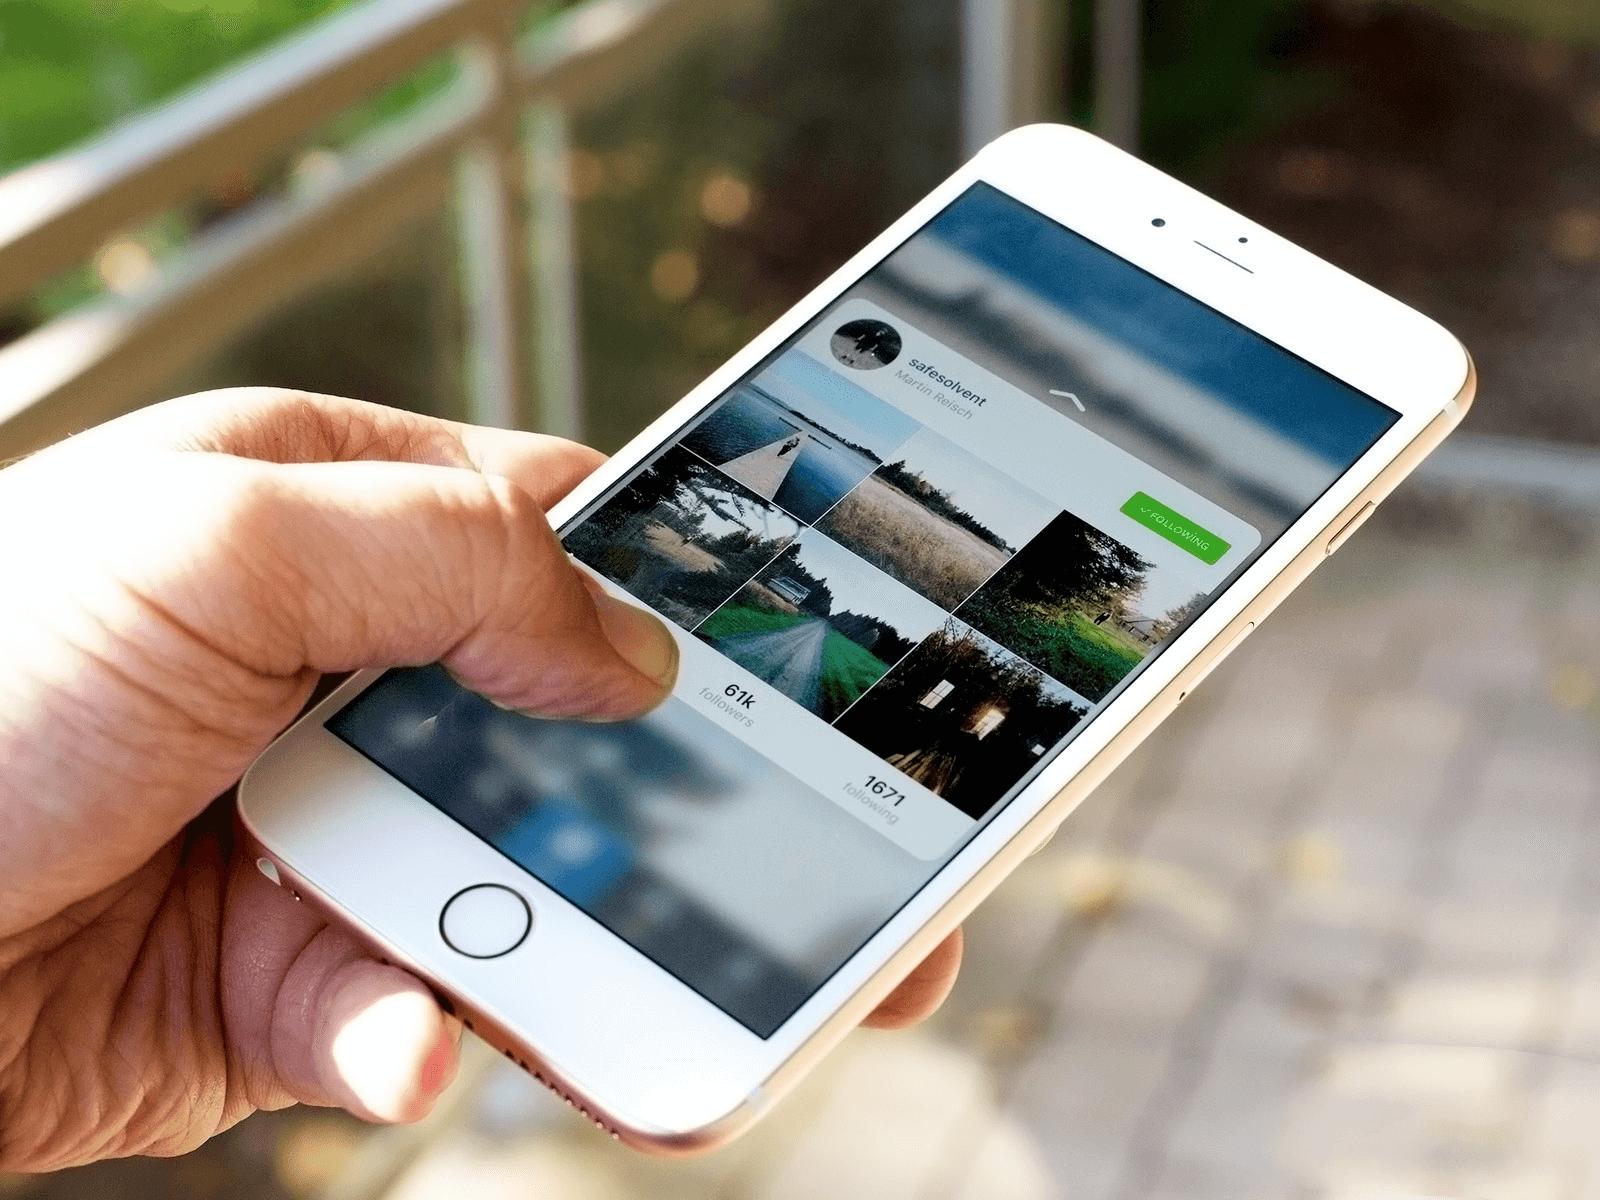 Красноярцы иновосибирцы посещают социальная сеть Instagram чаще «Одноклассников»